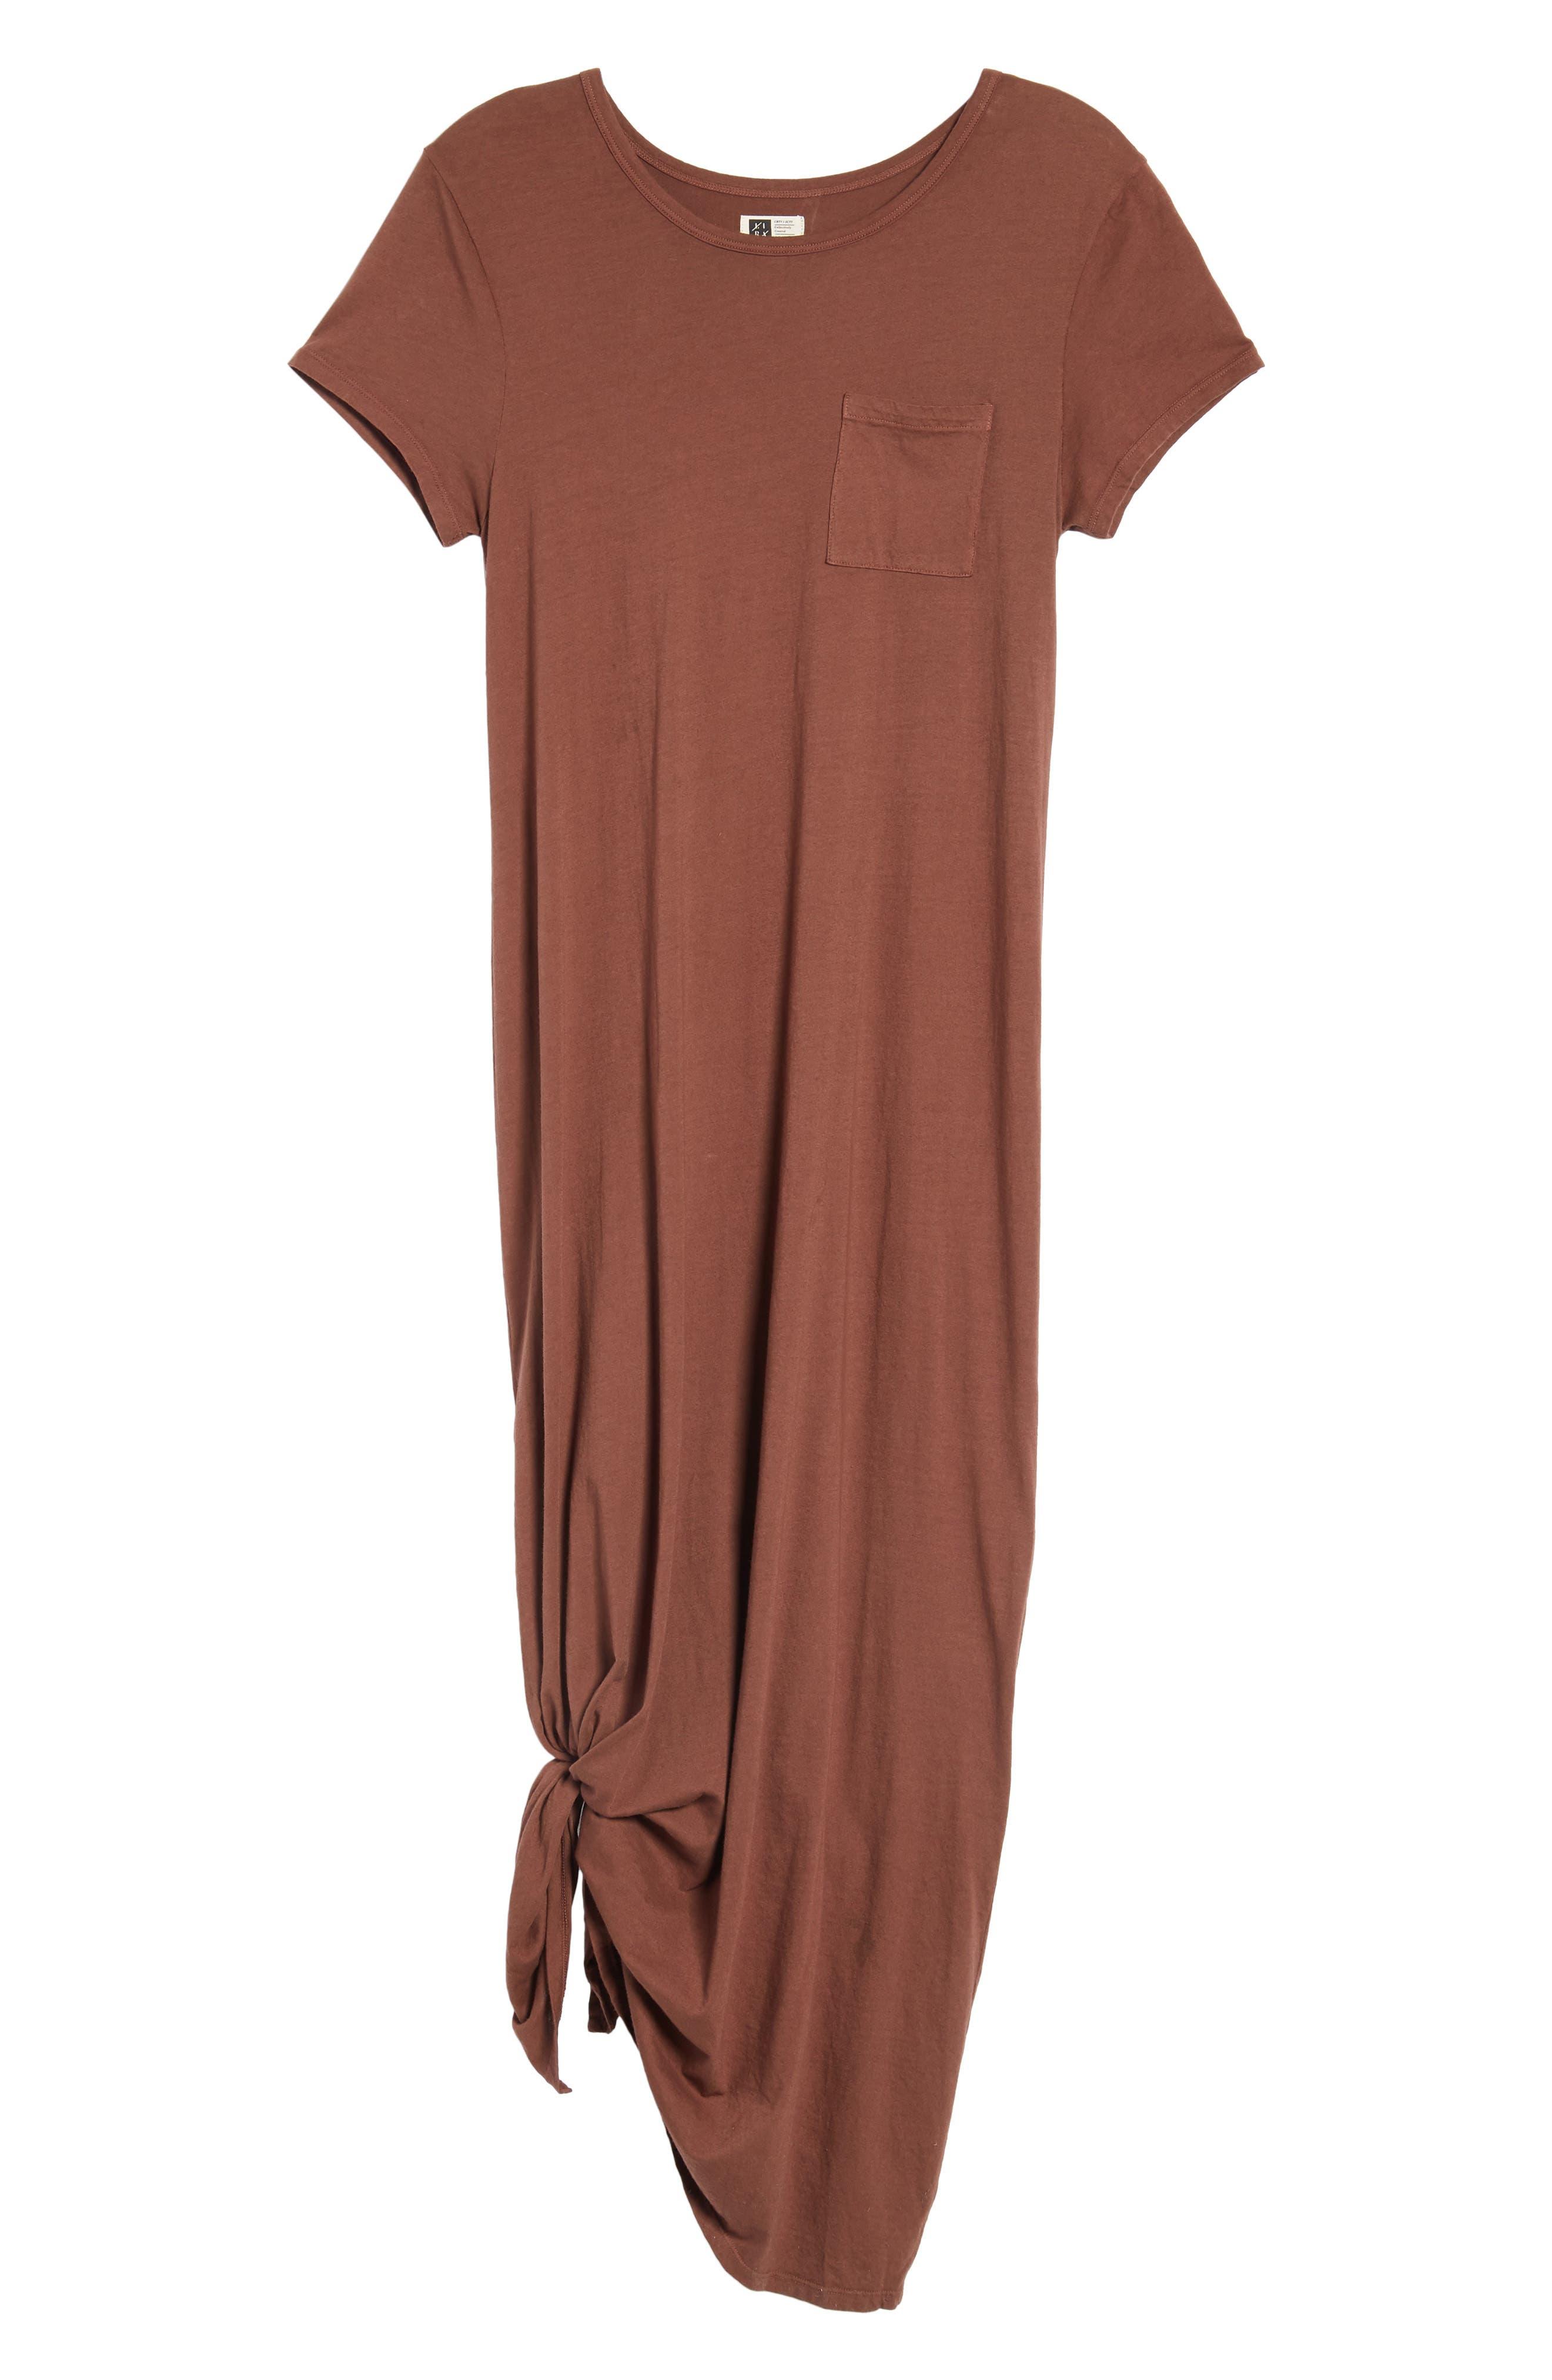 Alana Side Slit T-Shirt Dress,                             Main thumbnail 1, color,                             Nutmeg